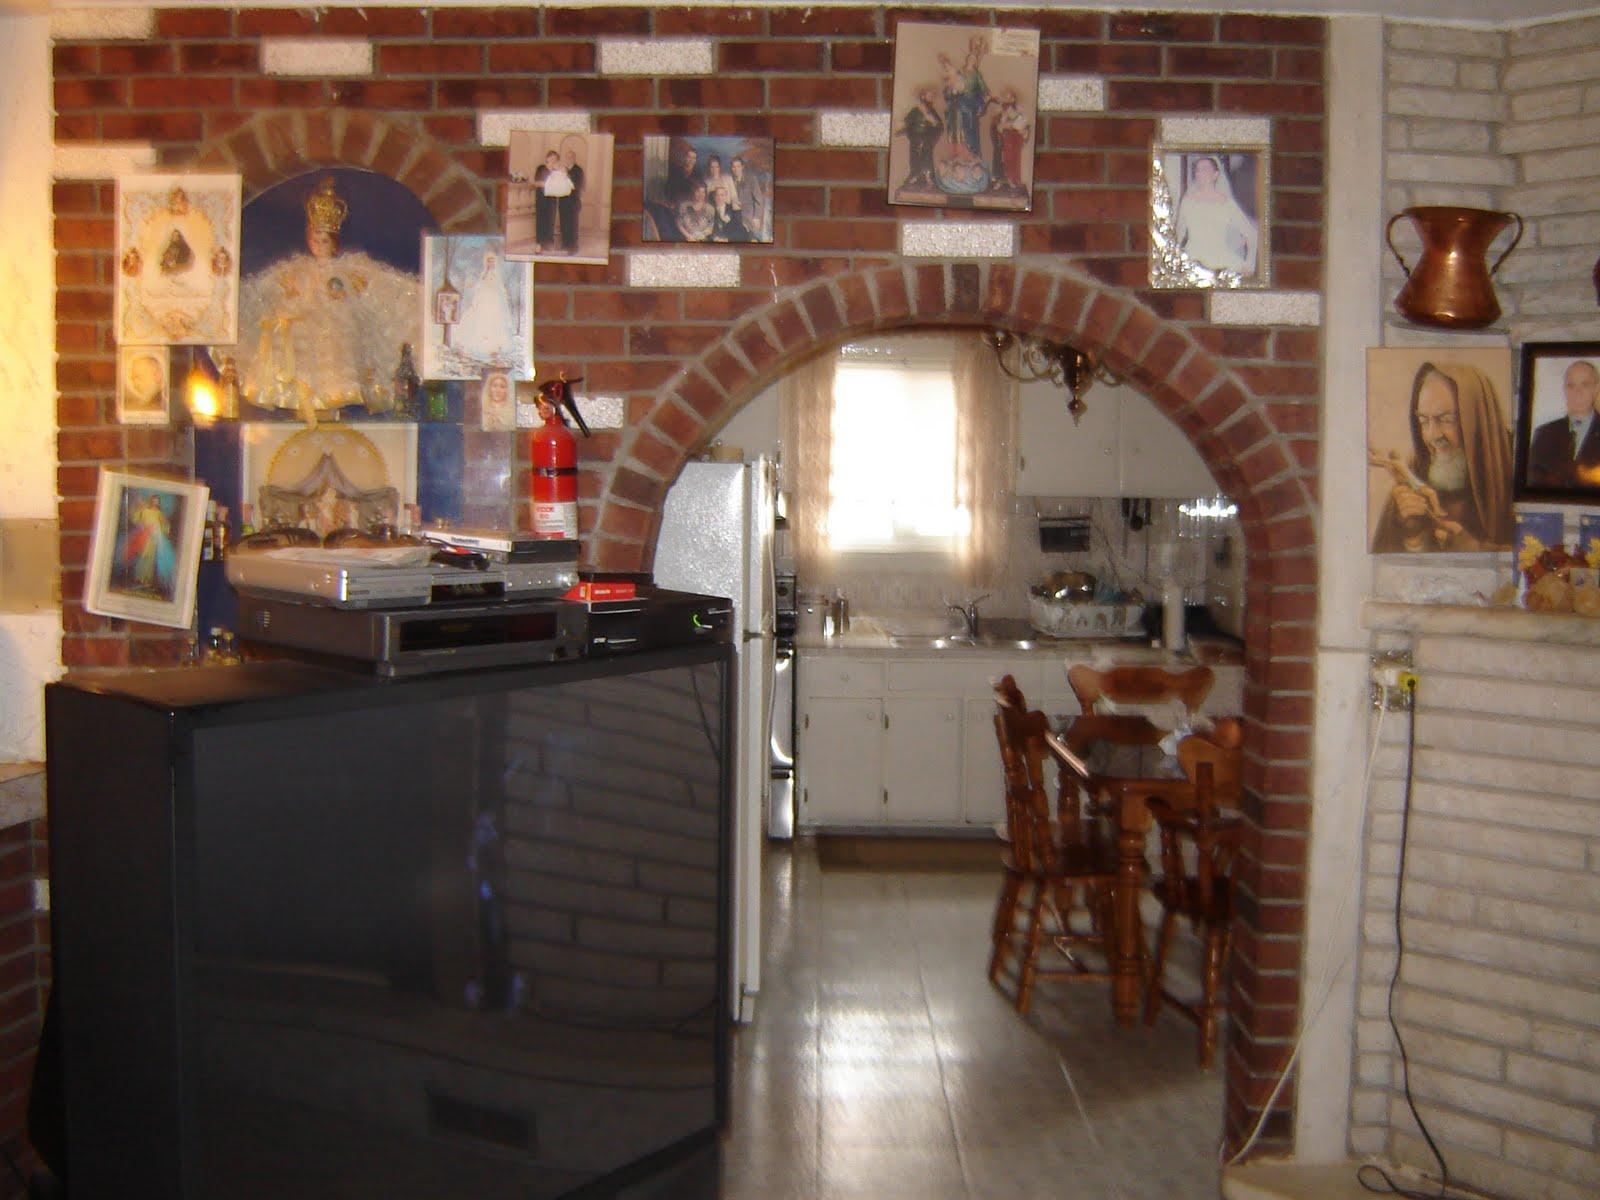 http://1.bp.blogspot.com/-eDPQ1WaV-EM/Ti1xwTiu0gI/AAAAAAAAAVI/D5NAaSBQLxs/s1600/Honeymoon%2Bpics%2B518.jpg